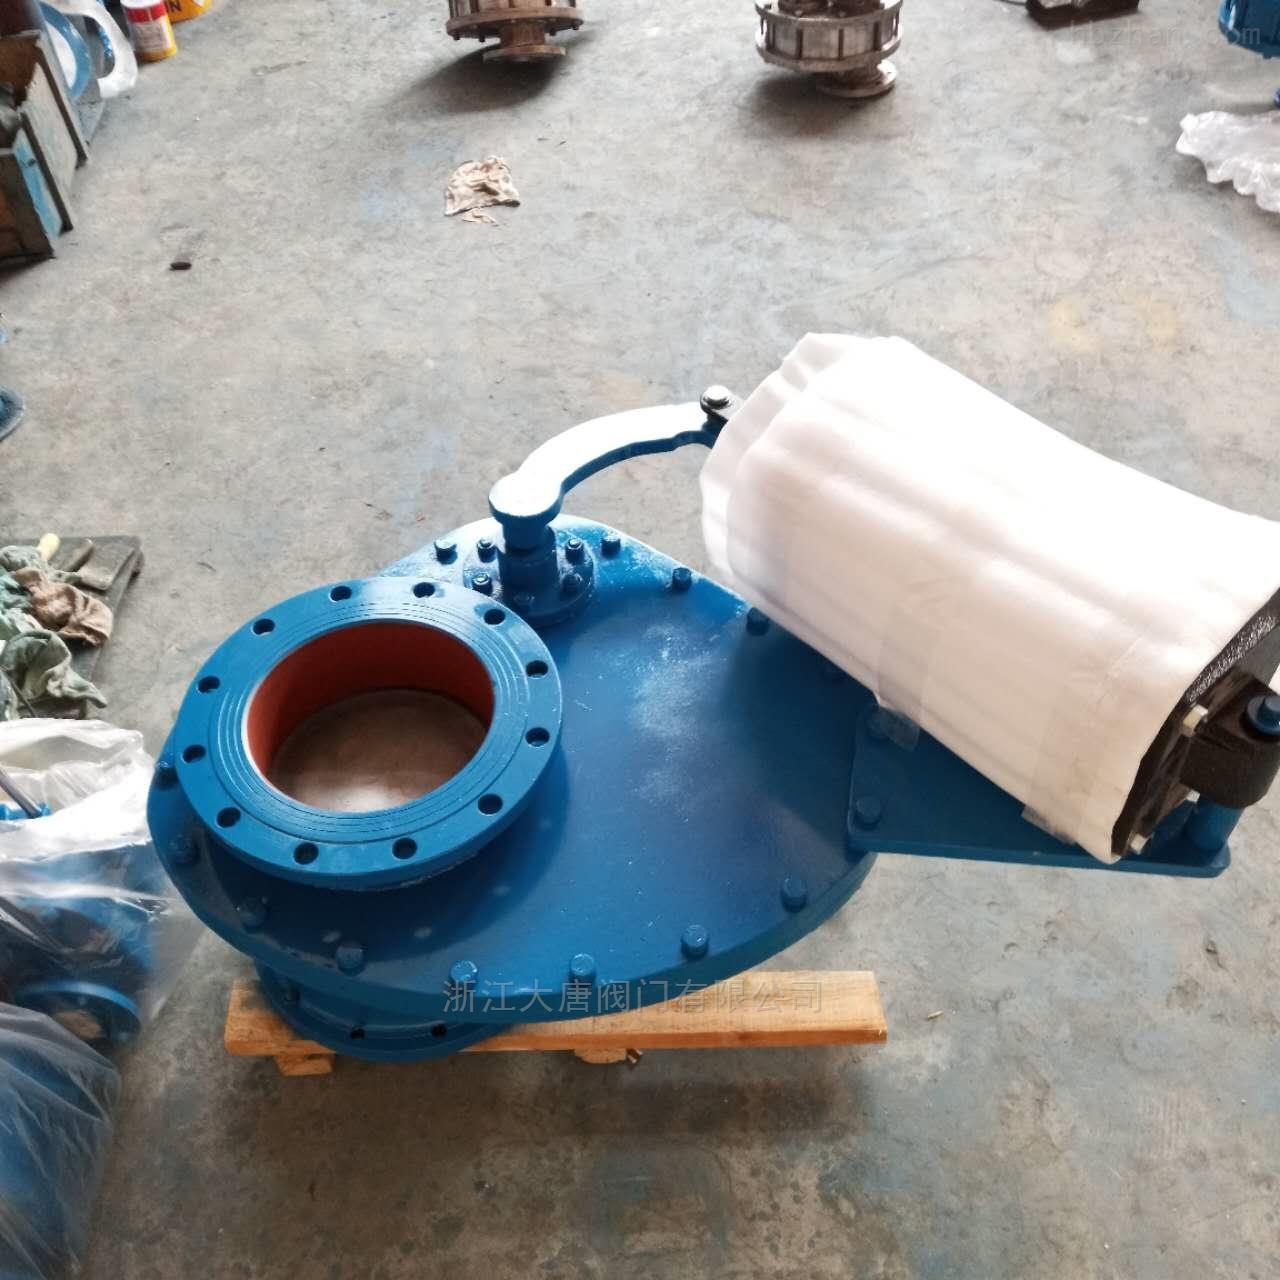 大唐阀门-气动摆动式陶瓷进料阀